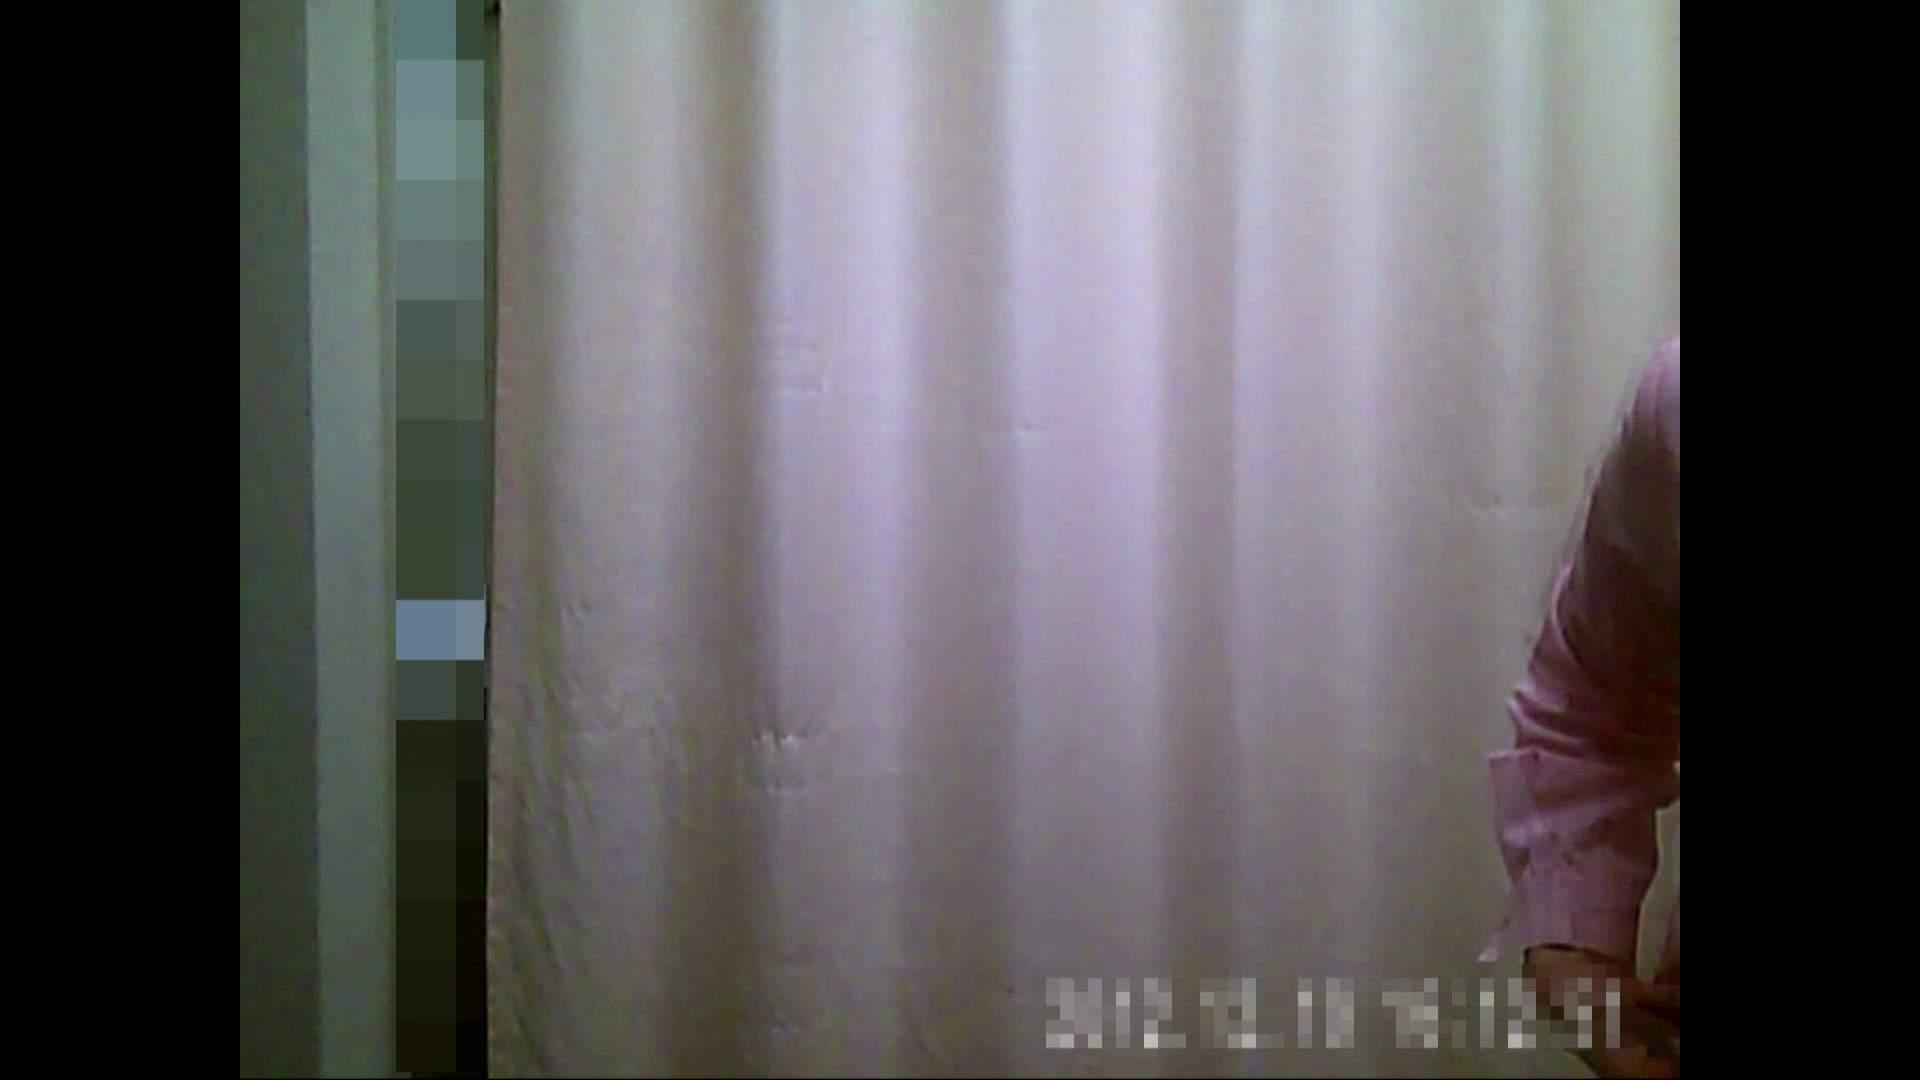 アダルトエロ動画 元医者による反抗 更衣室地獄絵巻 vol.124 怪盗ジョーカー